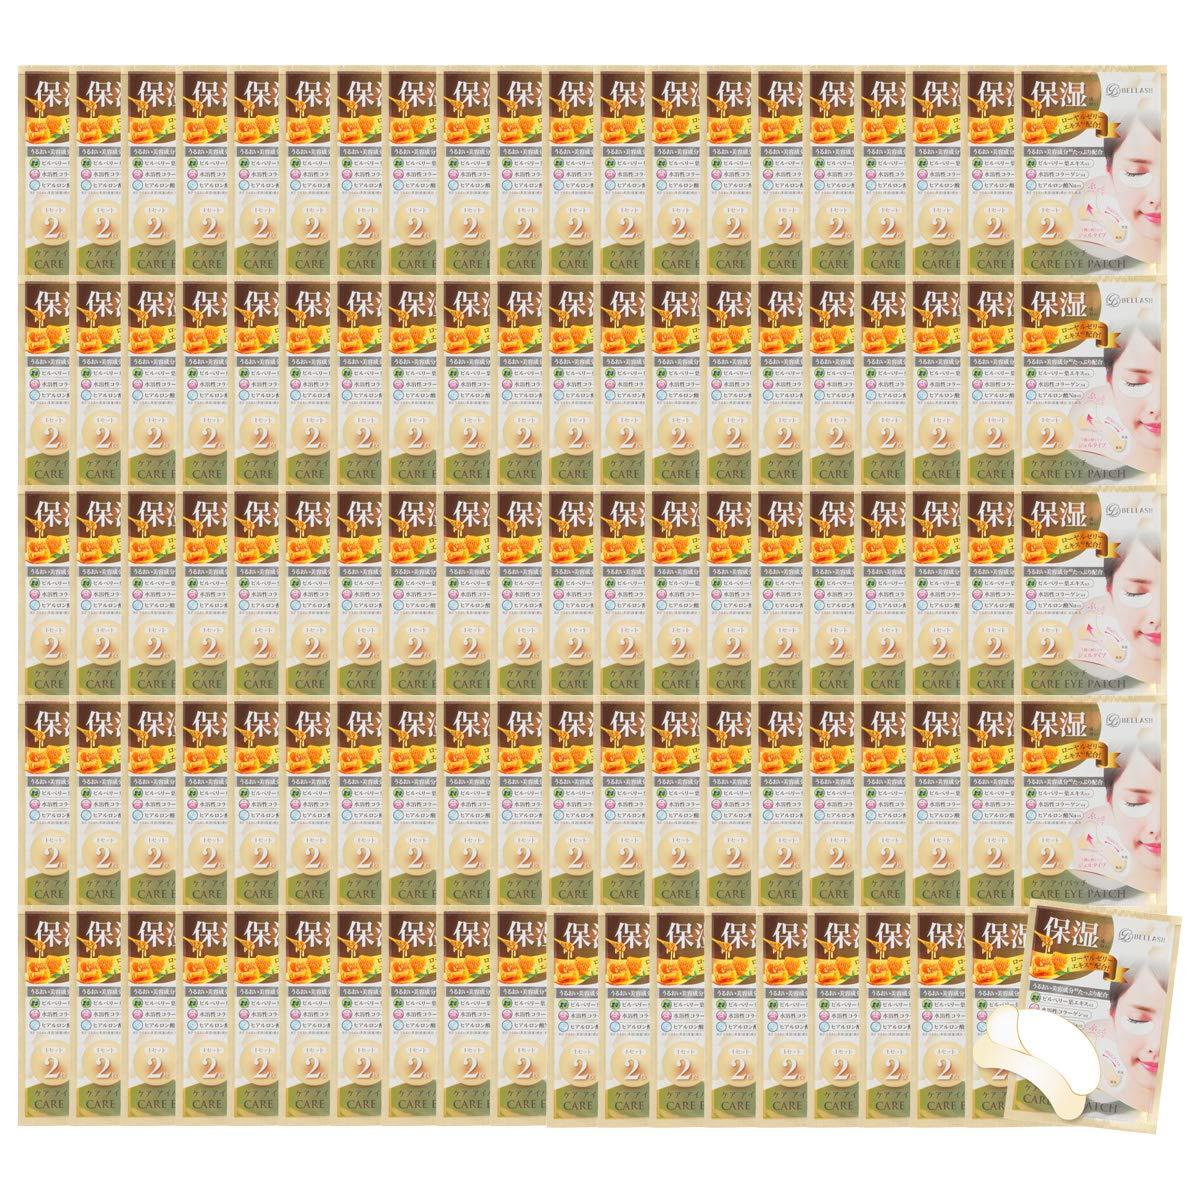 値引 【全4種 B07BQ43MVK】 < BELLASH ] > ケア アイパッチ 2枚×100袋セット [ シート アイパッチ アイパック アイシートマスク 目元パック 目元シート 目元 目もと 目袋 パック マスク シート 保湿 美容液 アイケア 目元集中ケア 目元ケア ] 2枚×100袋 B07BQ43MVK, 藤橋村:233ef6d9 --- ultraculture.ru